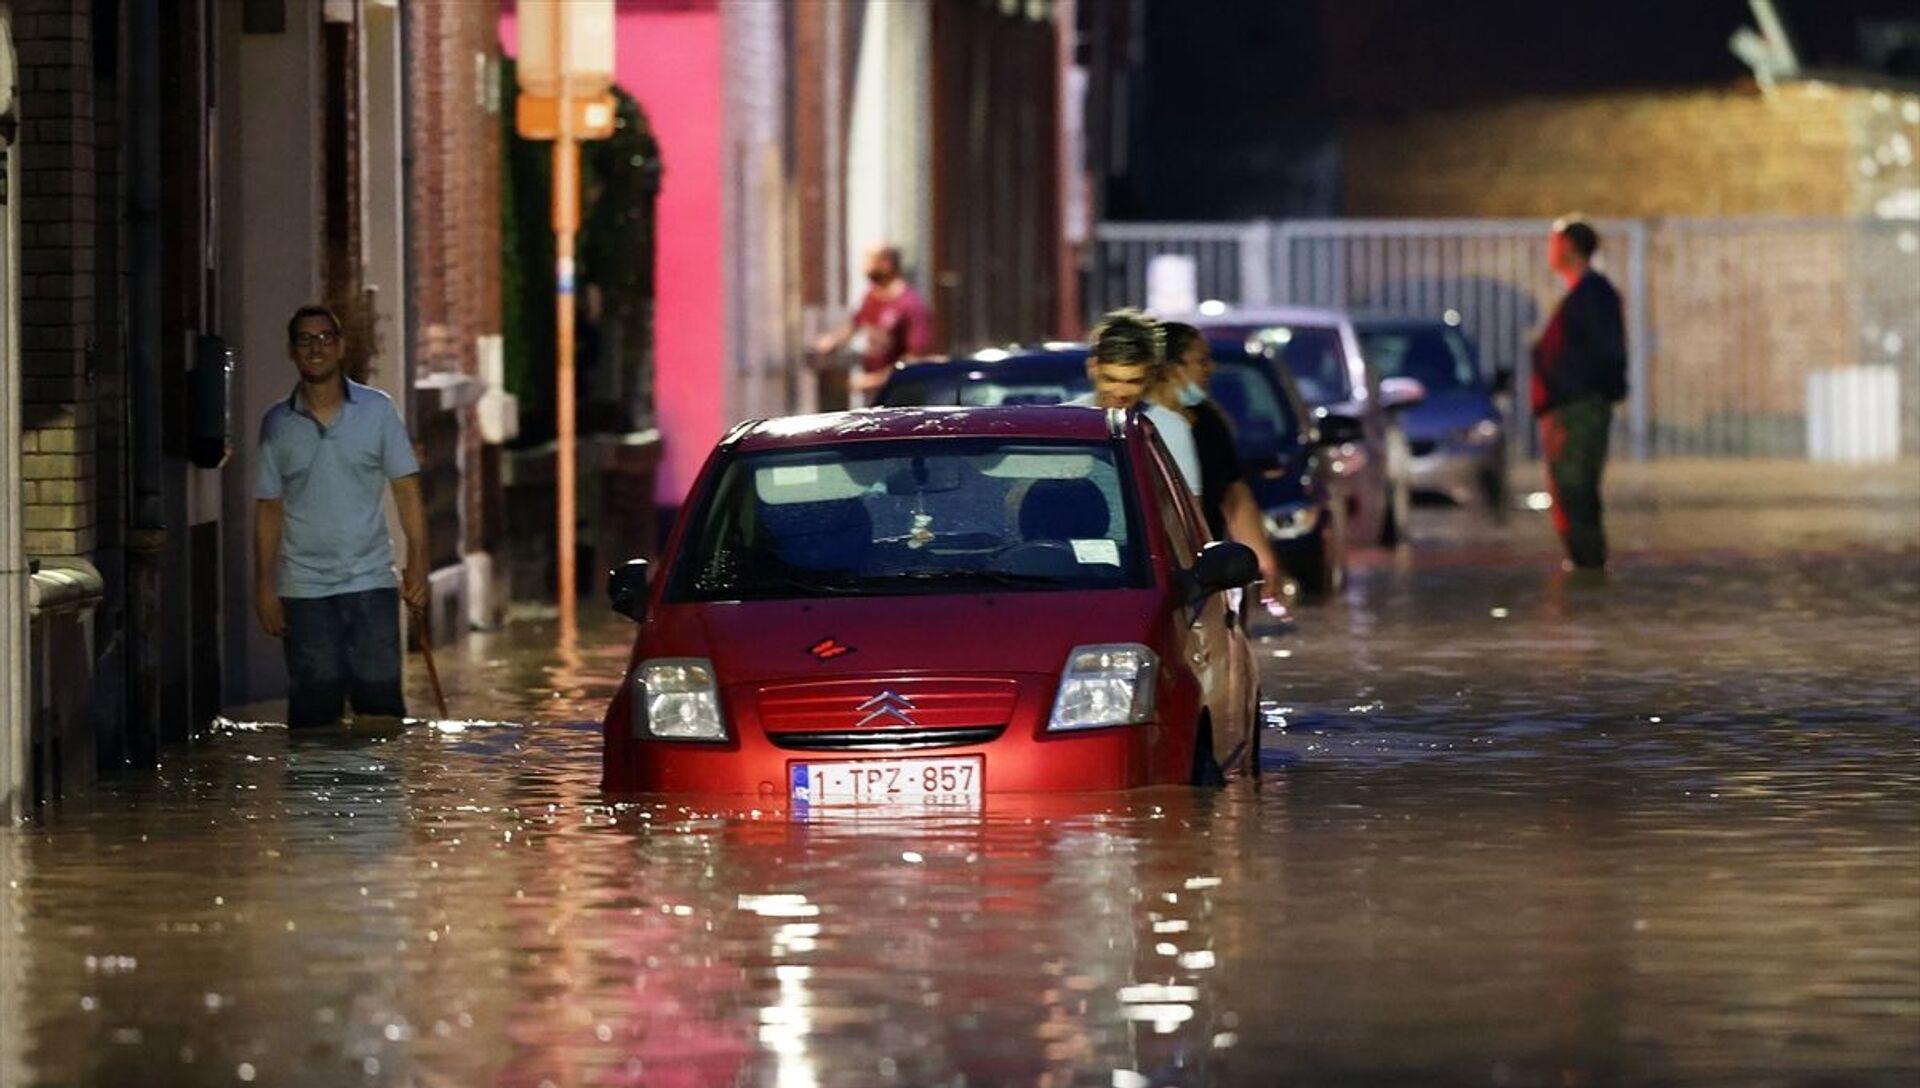 Belçika'da 10 gün önce meydana gelen sel felaketinin ardından ülkenin güneydoğusundaki Namur ve Dinant gibi şehirler bir kez daha sele teslim oldu. Gün içindeki aşırı yağış nedeniyle Namur'da bazı sokaklarda su baskınları meydana geldi. Birçok evin giriş ve bodrum katlarını su bastı. - Sputnik Türkiye, 1920, 25.07.2021